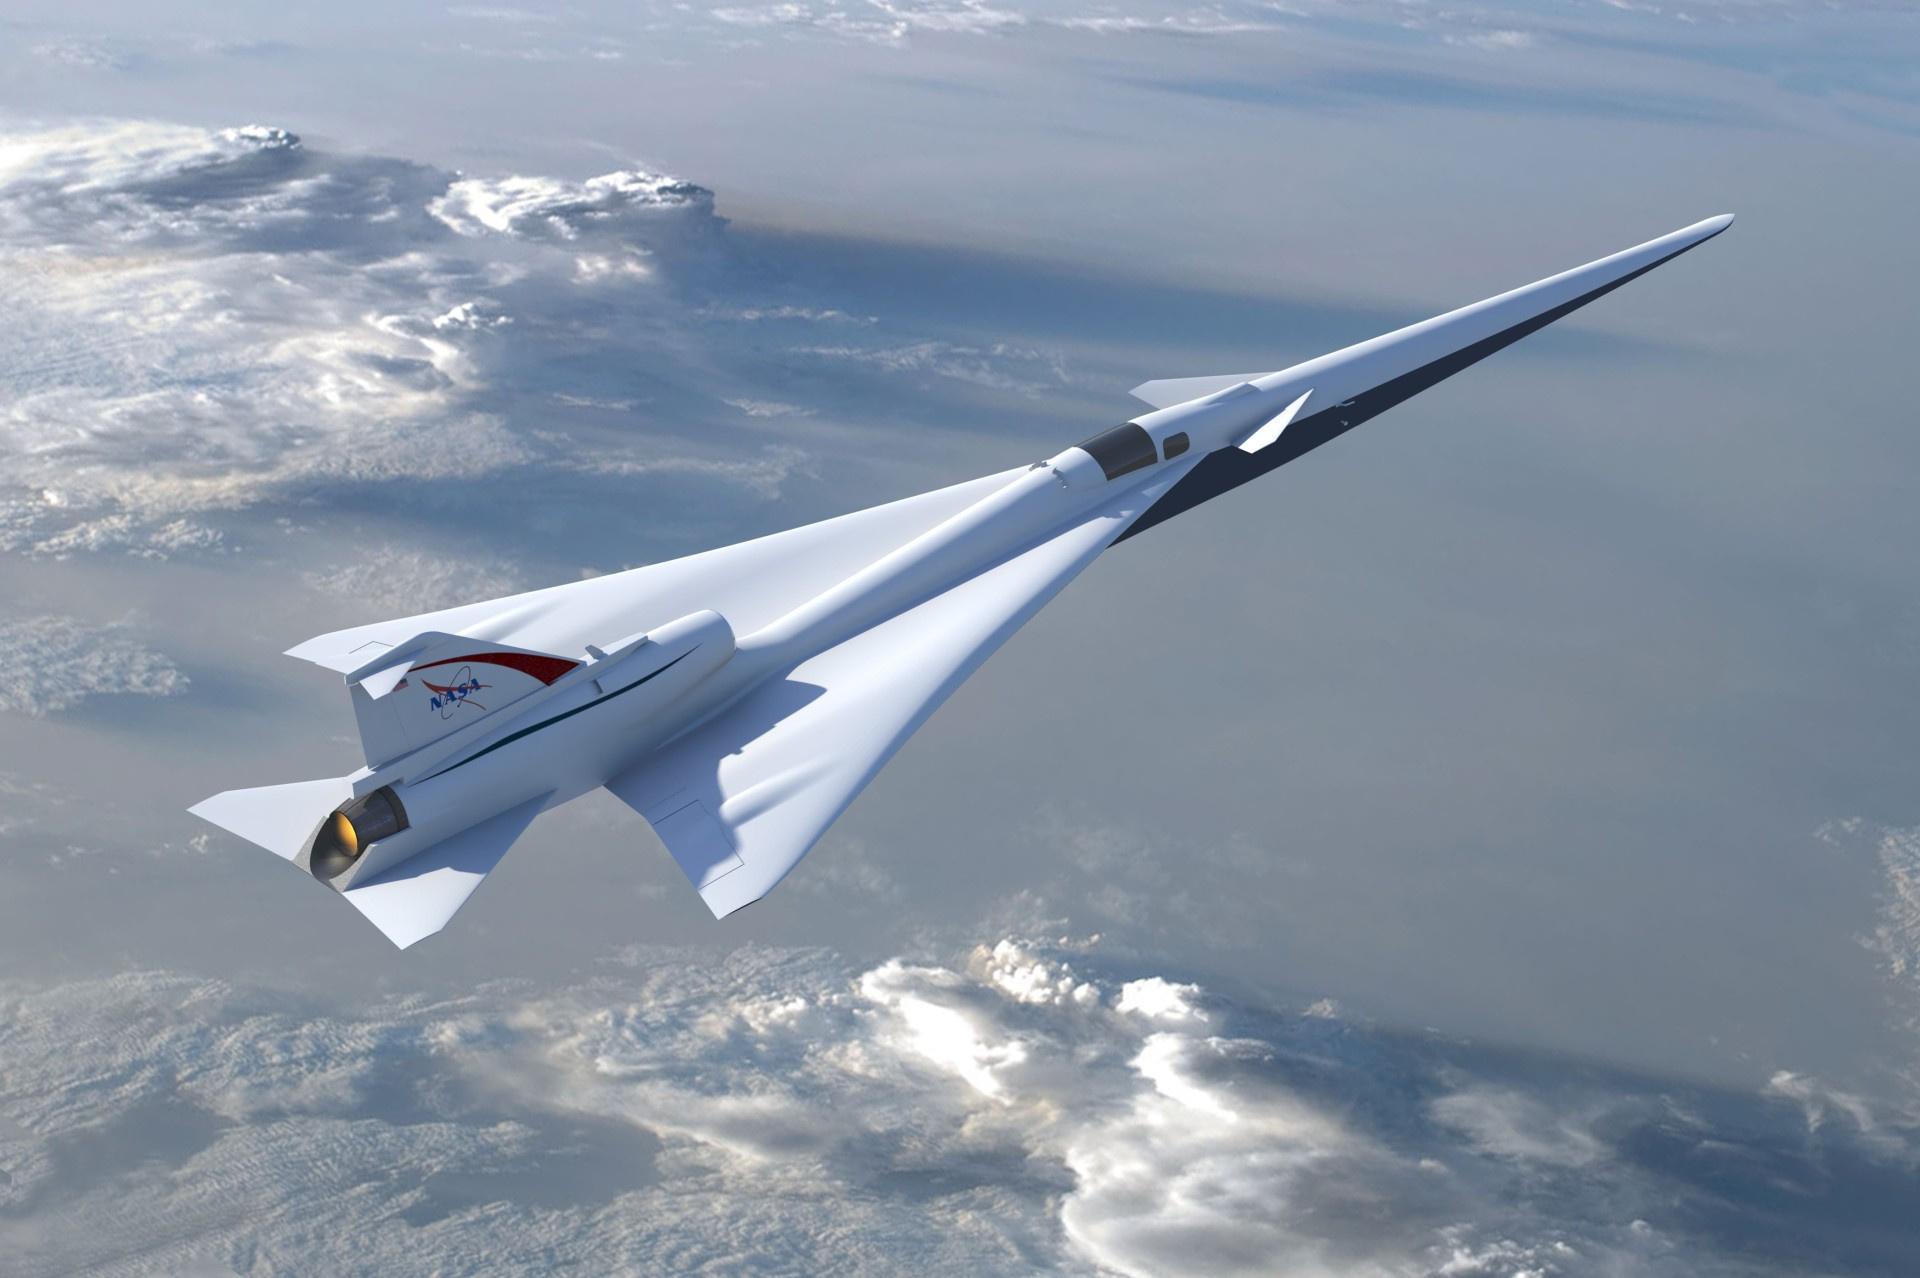 НАСА создаёт тихий сверхзвуковой лайнер с «мягким» звуковым ударом